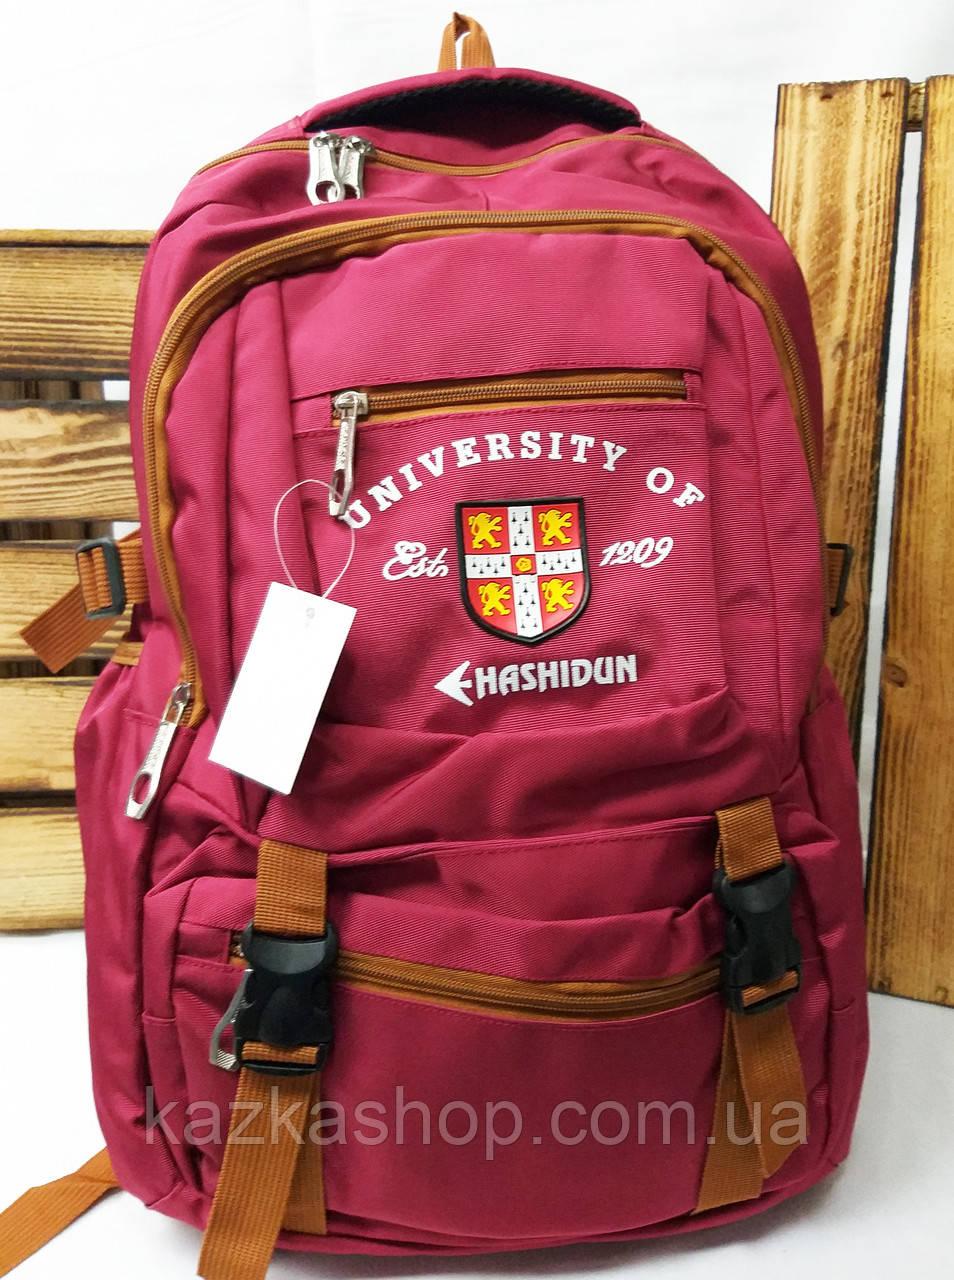 Спортивный прочный рюкзак из непромокаемого уплотненного материала, на 4 отдела